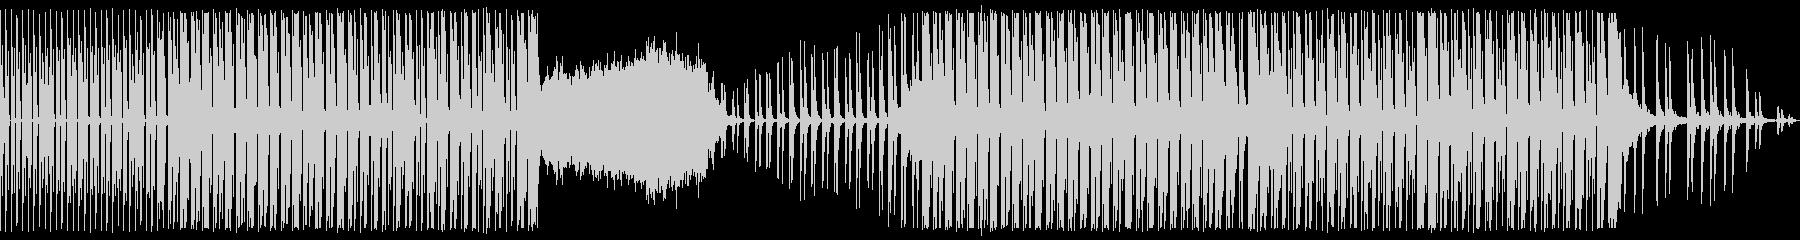 最高のダンスポップ/ハウス/テクノBGMの未再生の波形